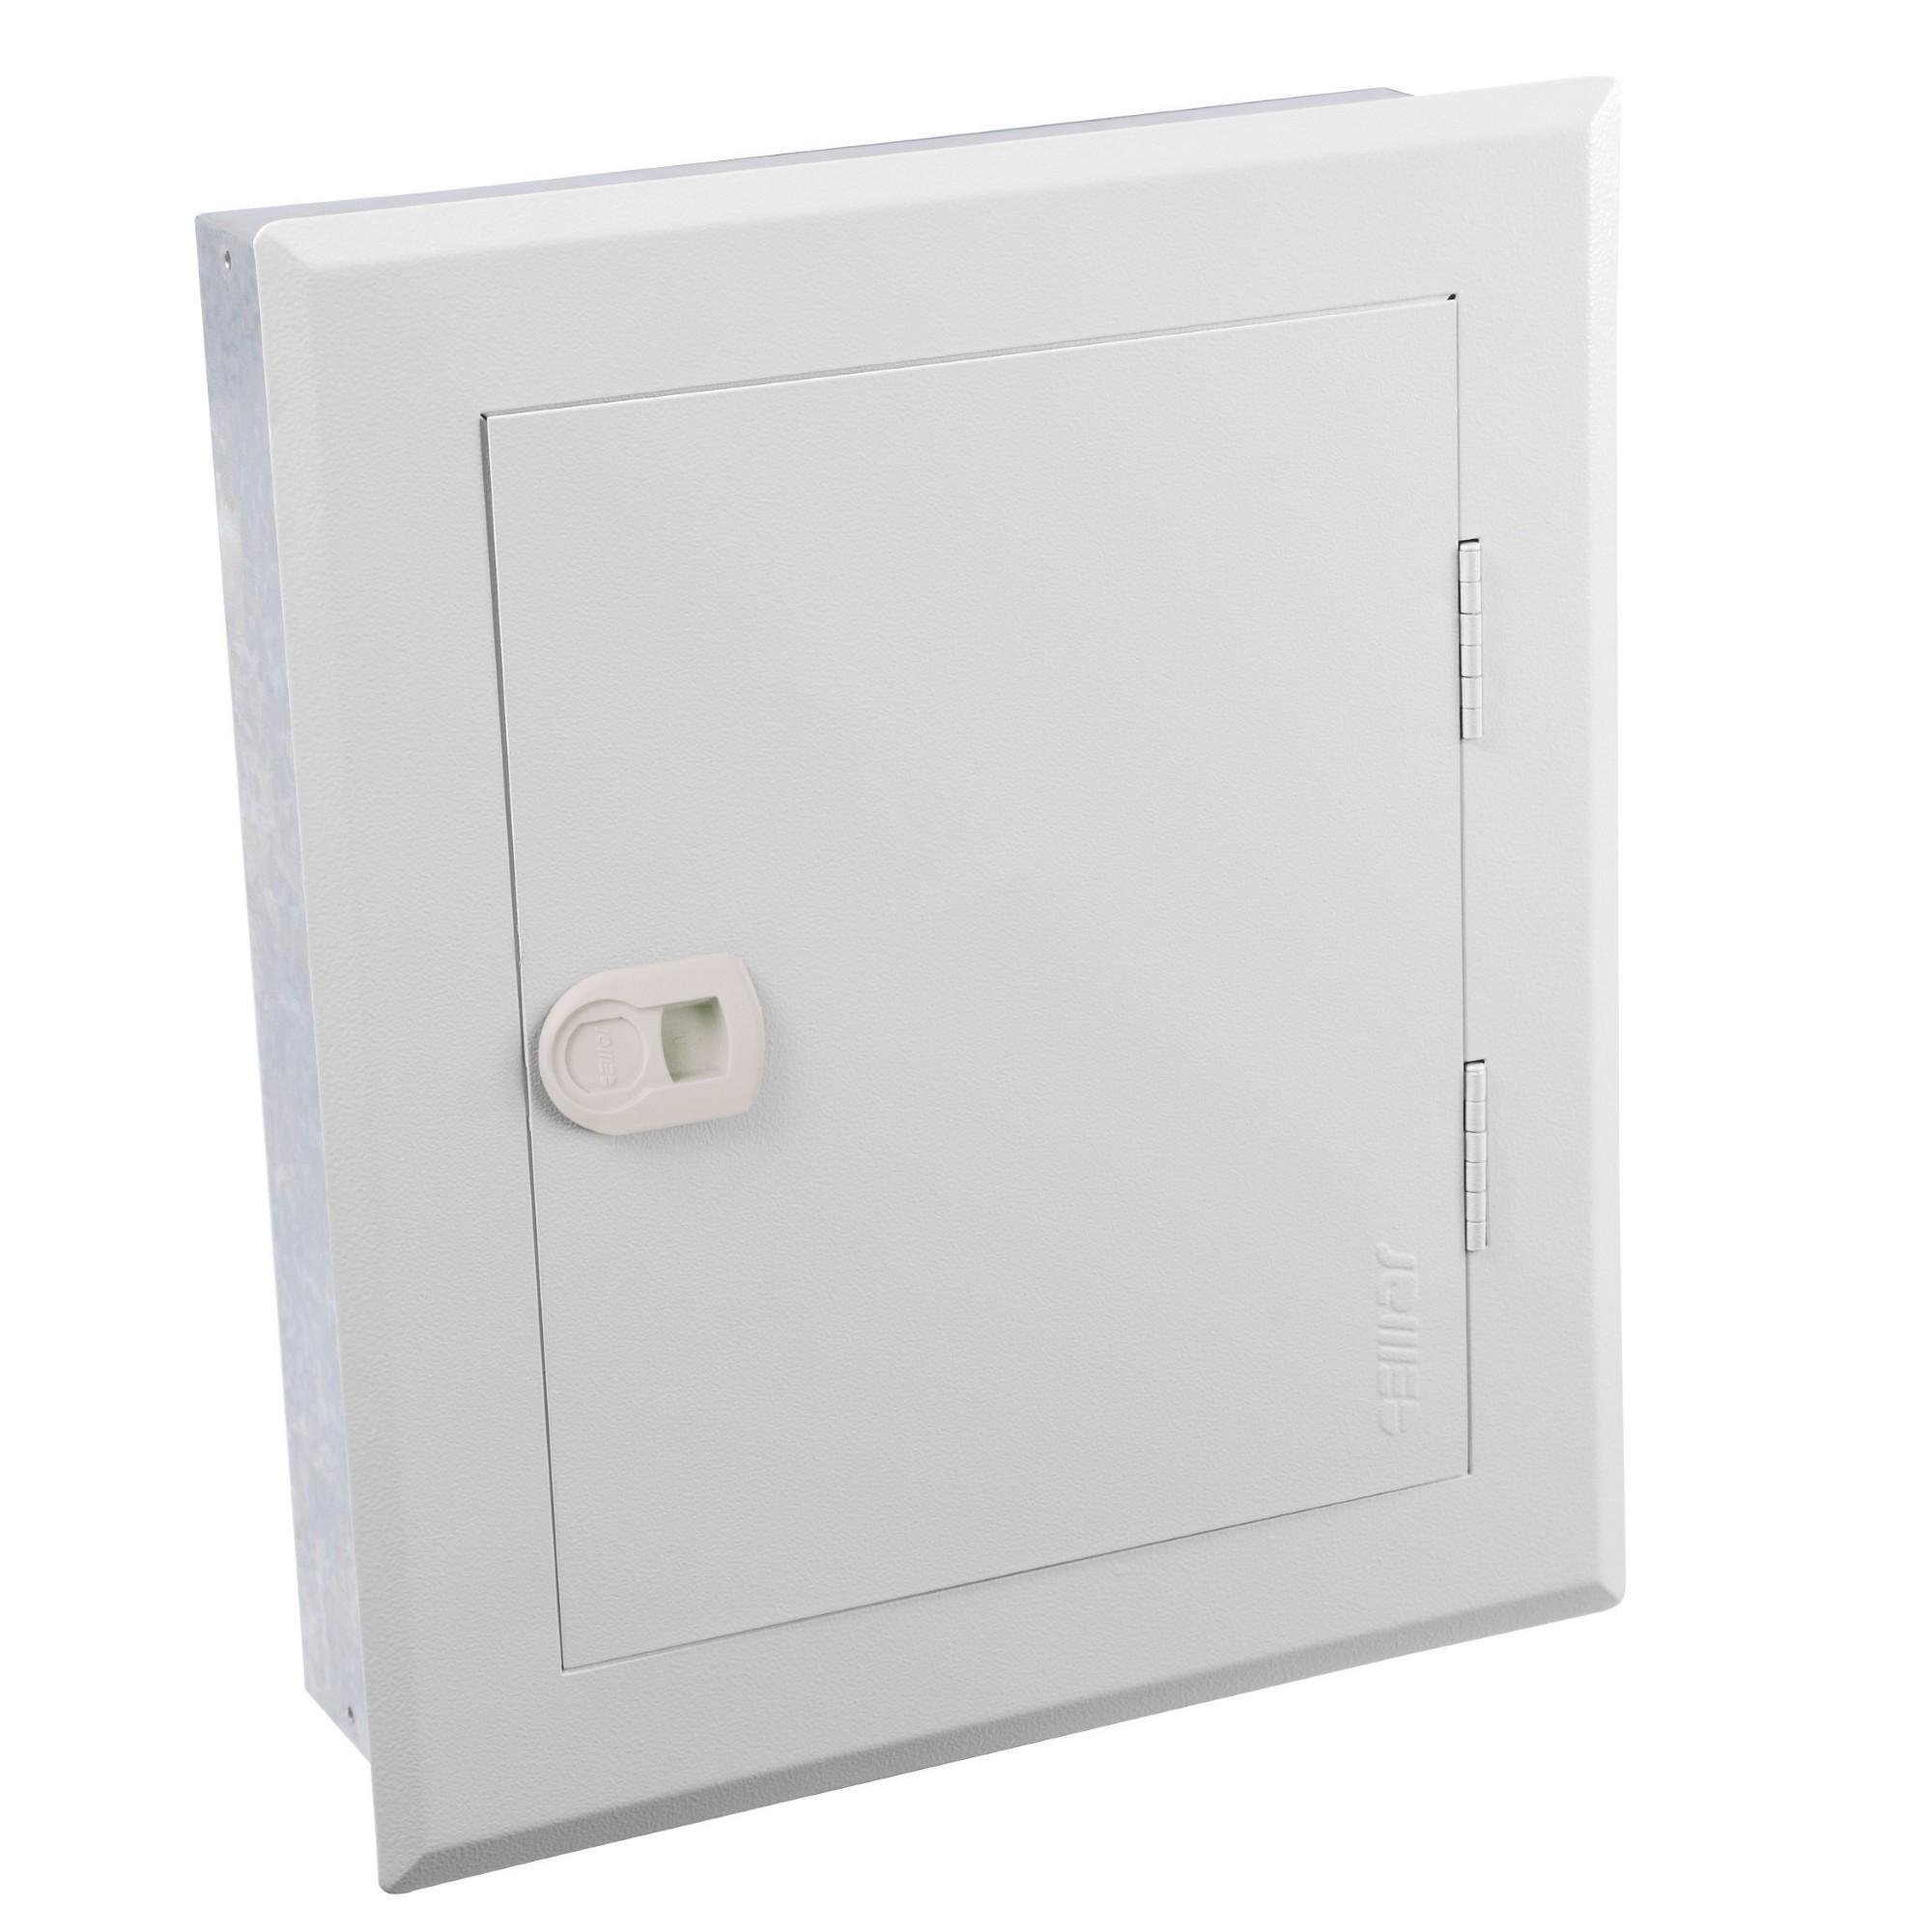 Quadro de Distribuicao de Embutir Trifasico 100A 1612 Disjuntores - Cemar